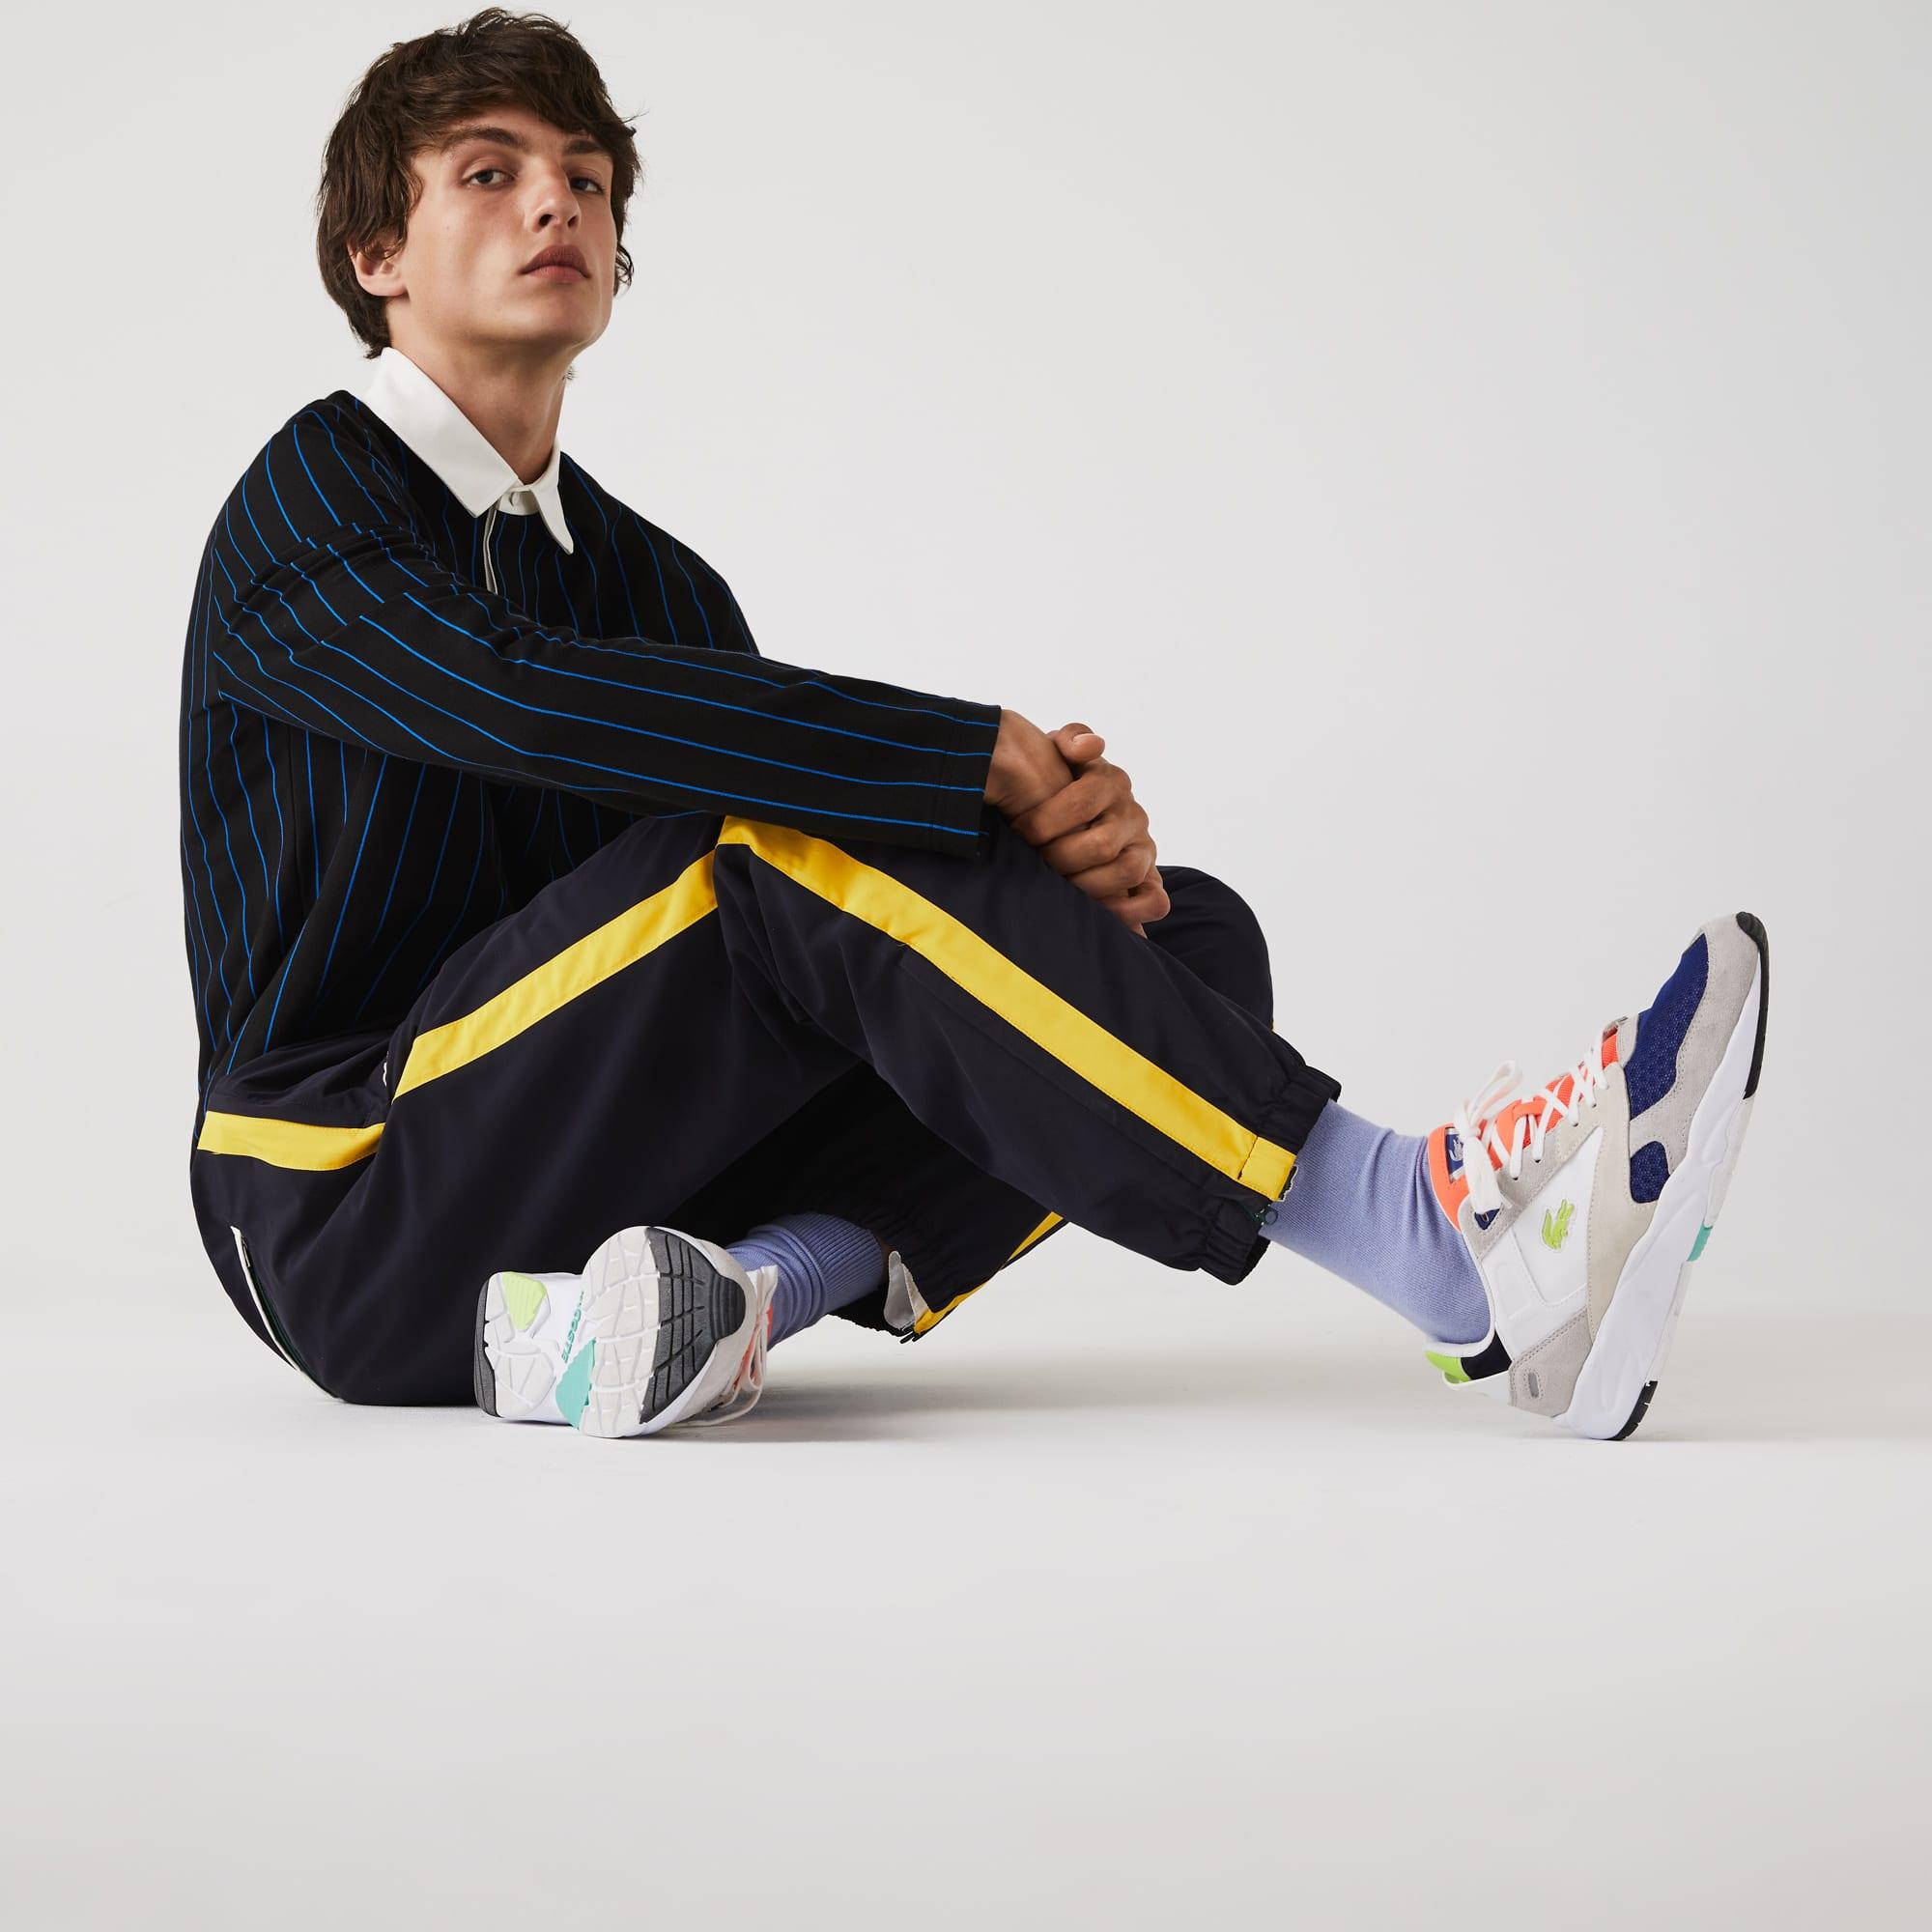 라코스테 트랙팬츠 Lacoste Mens Contrast Striped Water-Repellant Tracksuit Pants,Navy Blue / Yellow / White • G8Y